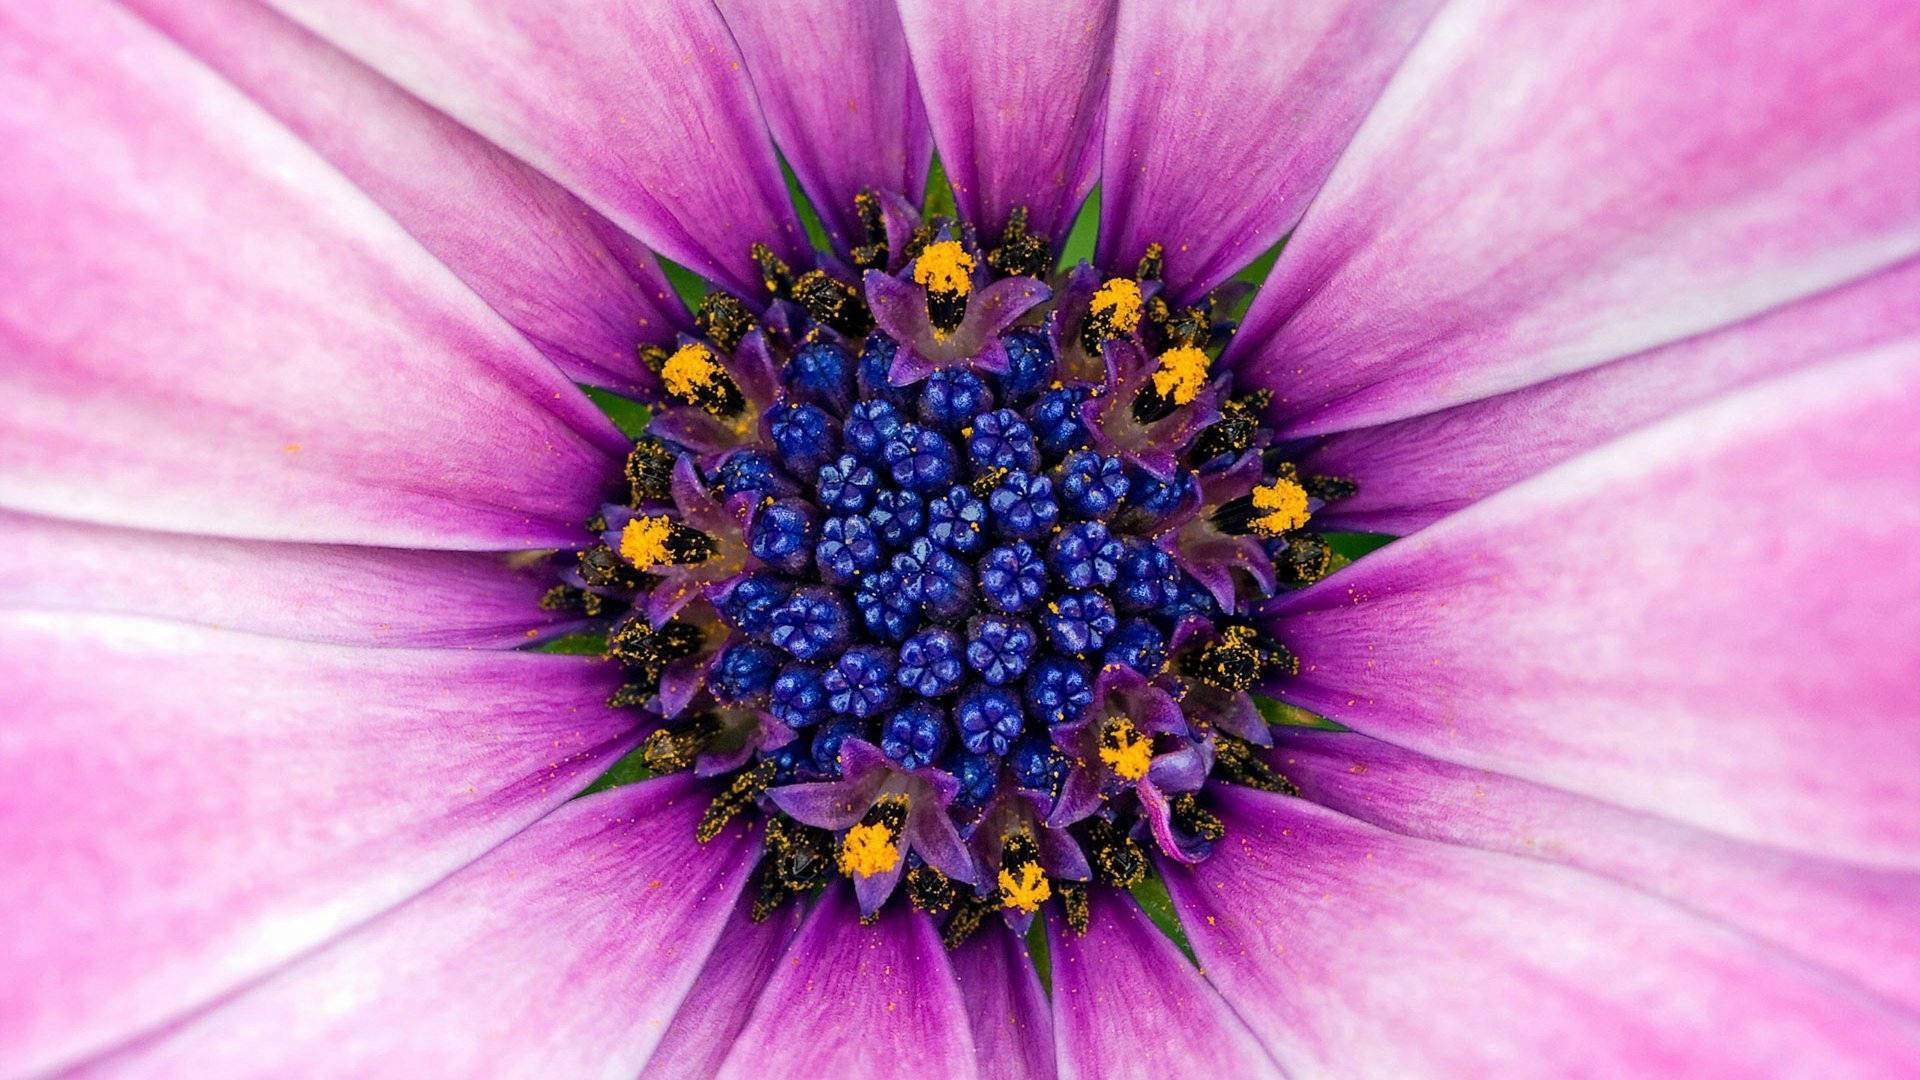 Flowers Macro HD Wallpapers